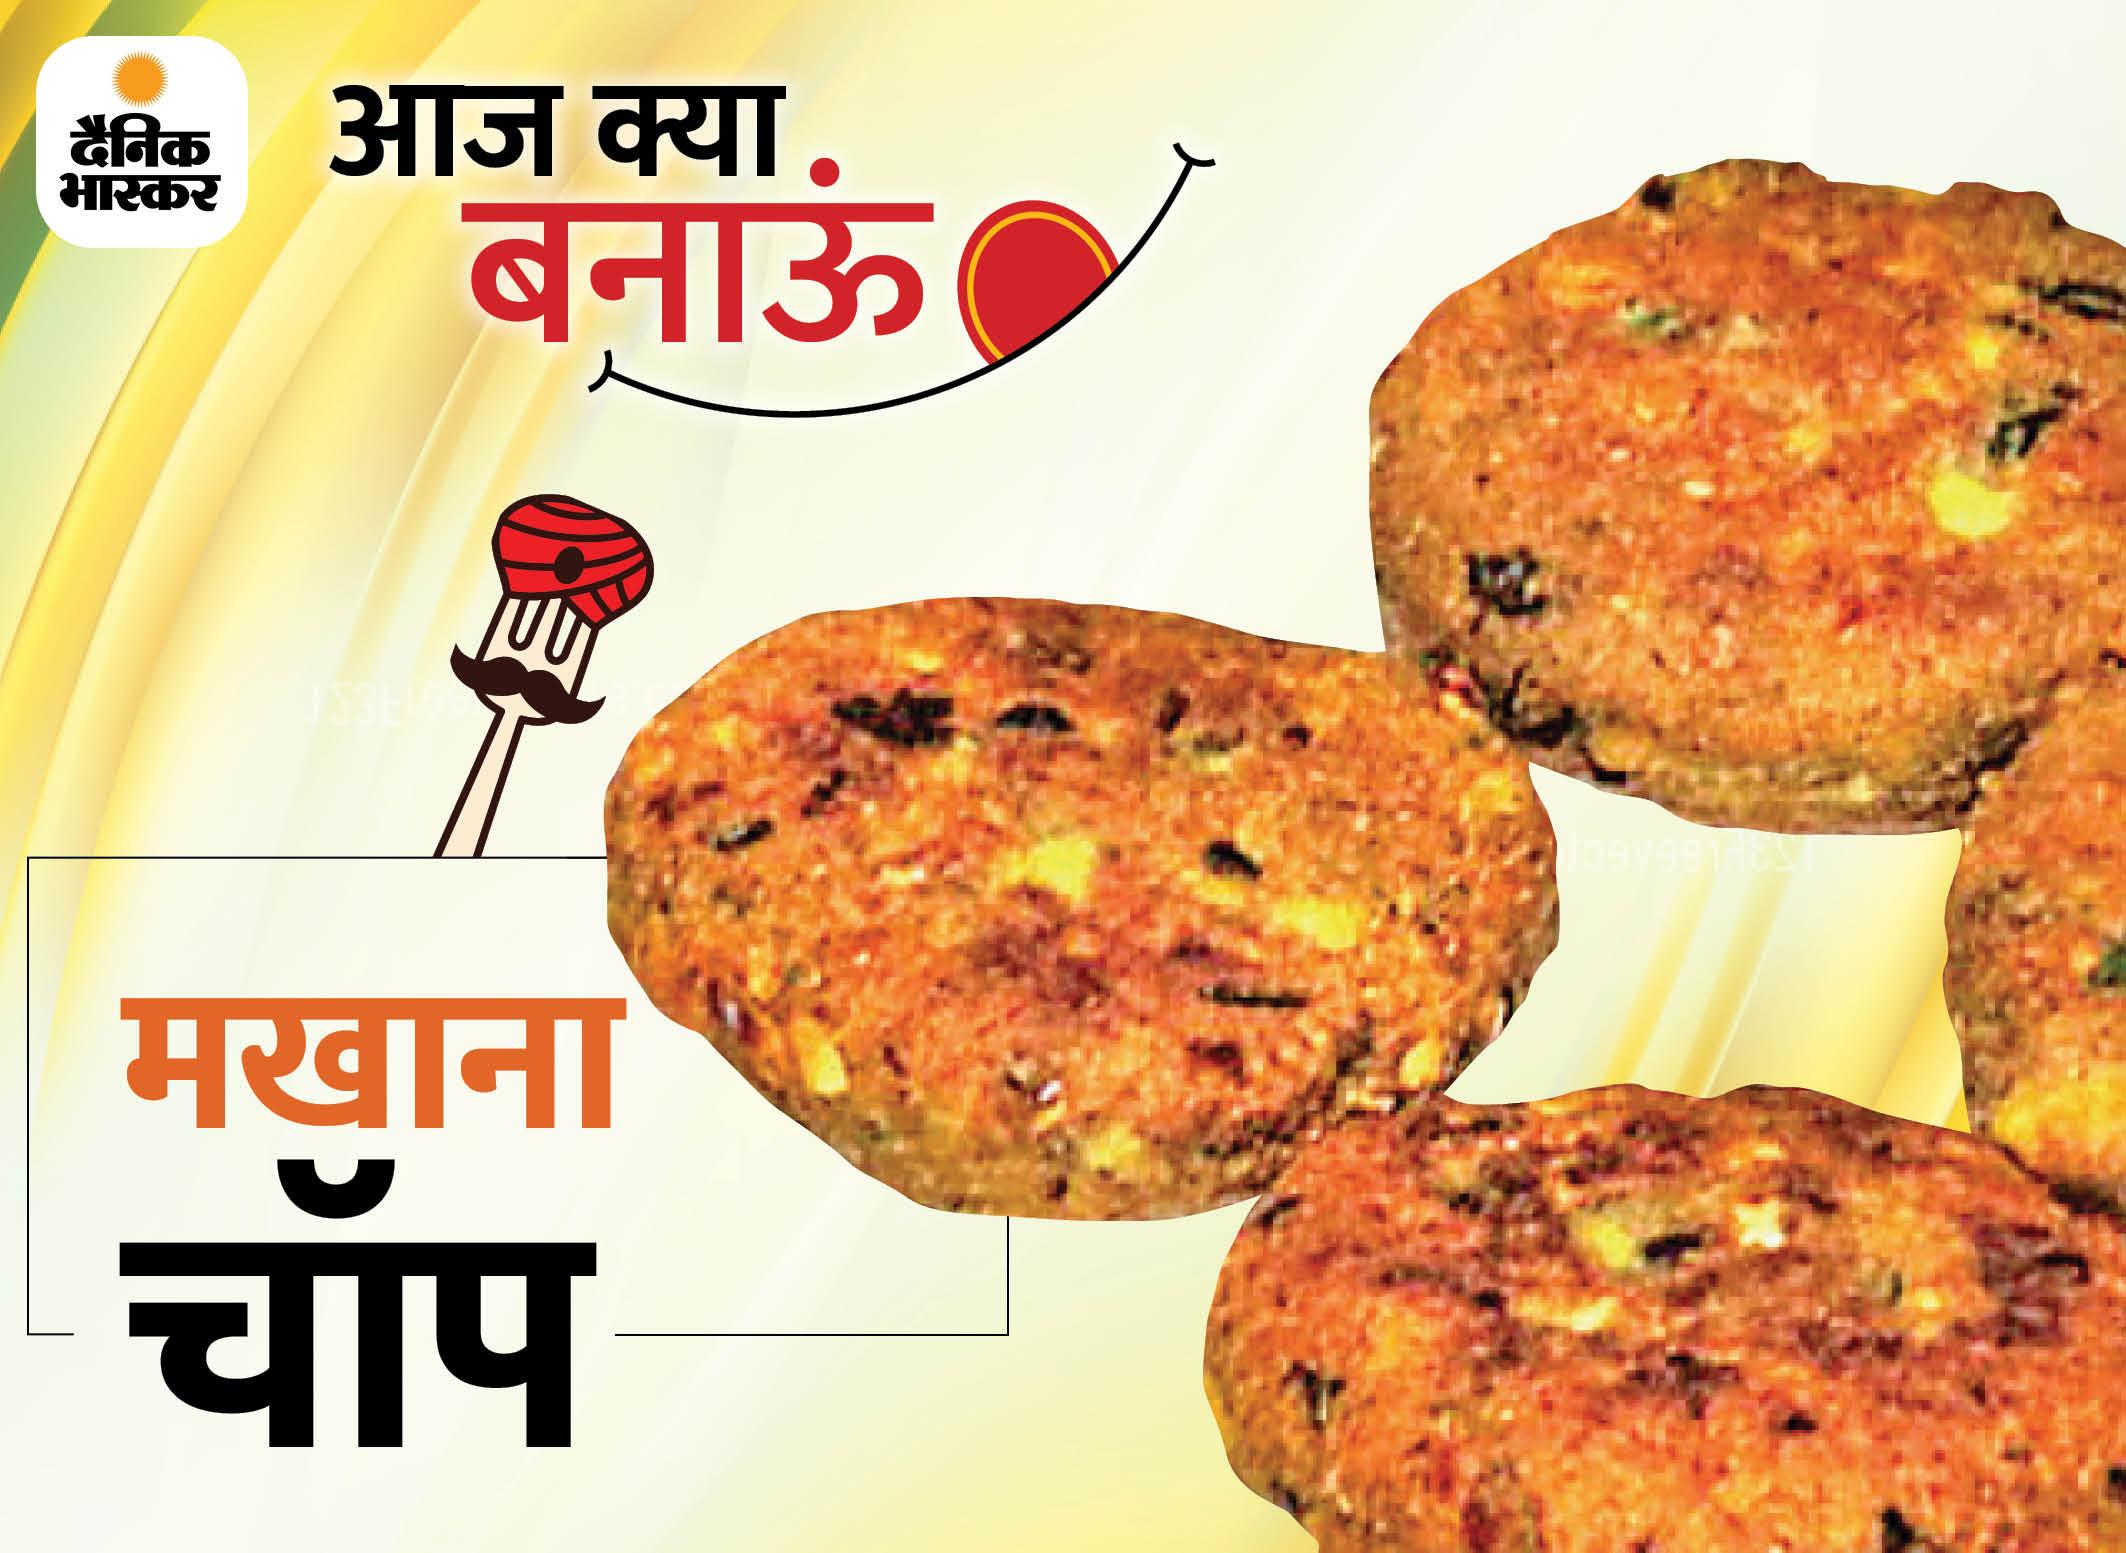 संडे स्पेशल मखाना चॉप की रेसिपी, स्वाद और सेहत से भरपूर ये डिश बच्चों को खूब पसंद आएगी|लाइफस्टाइल,Lifestyle - Dainik Bhaskar